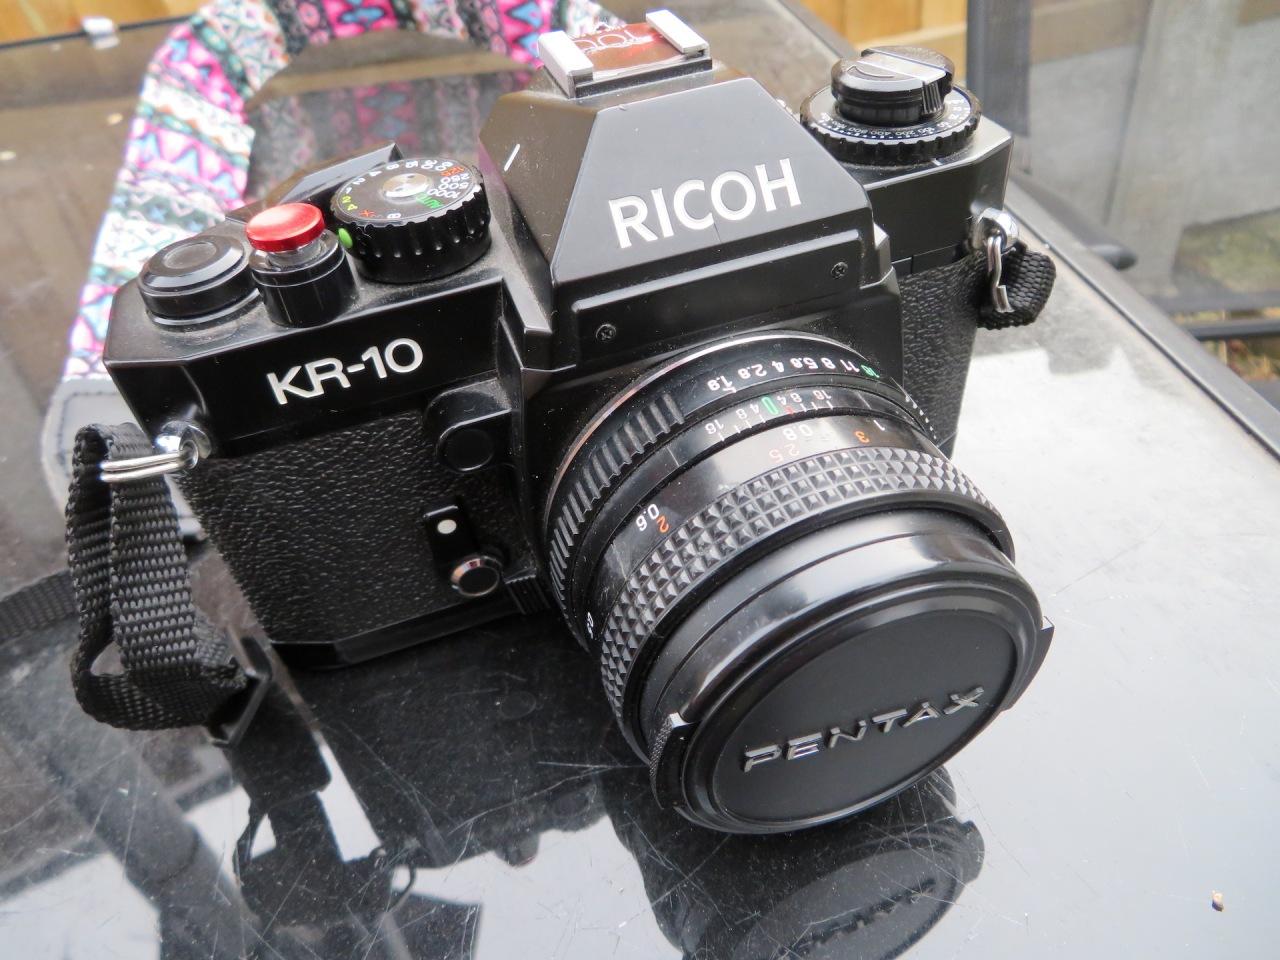 Ricoh KR-10